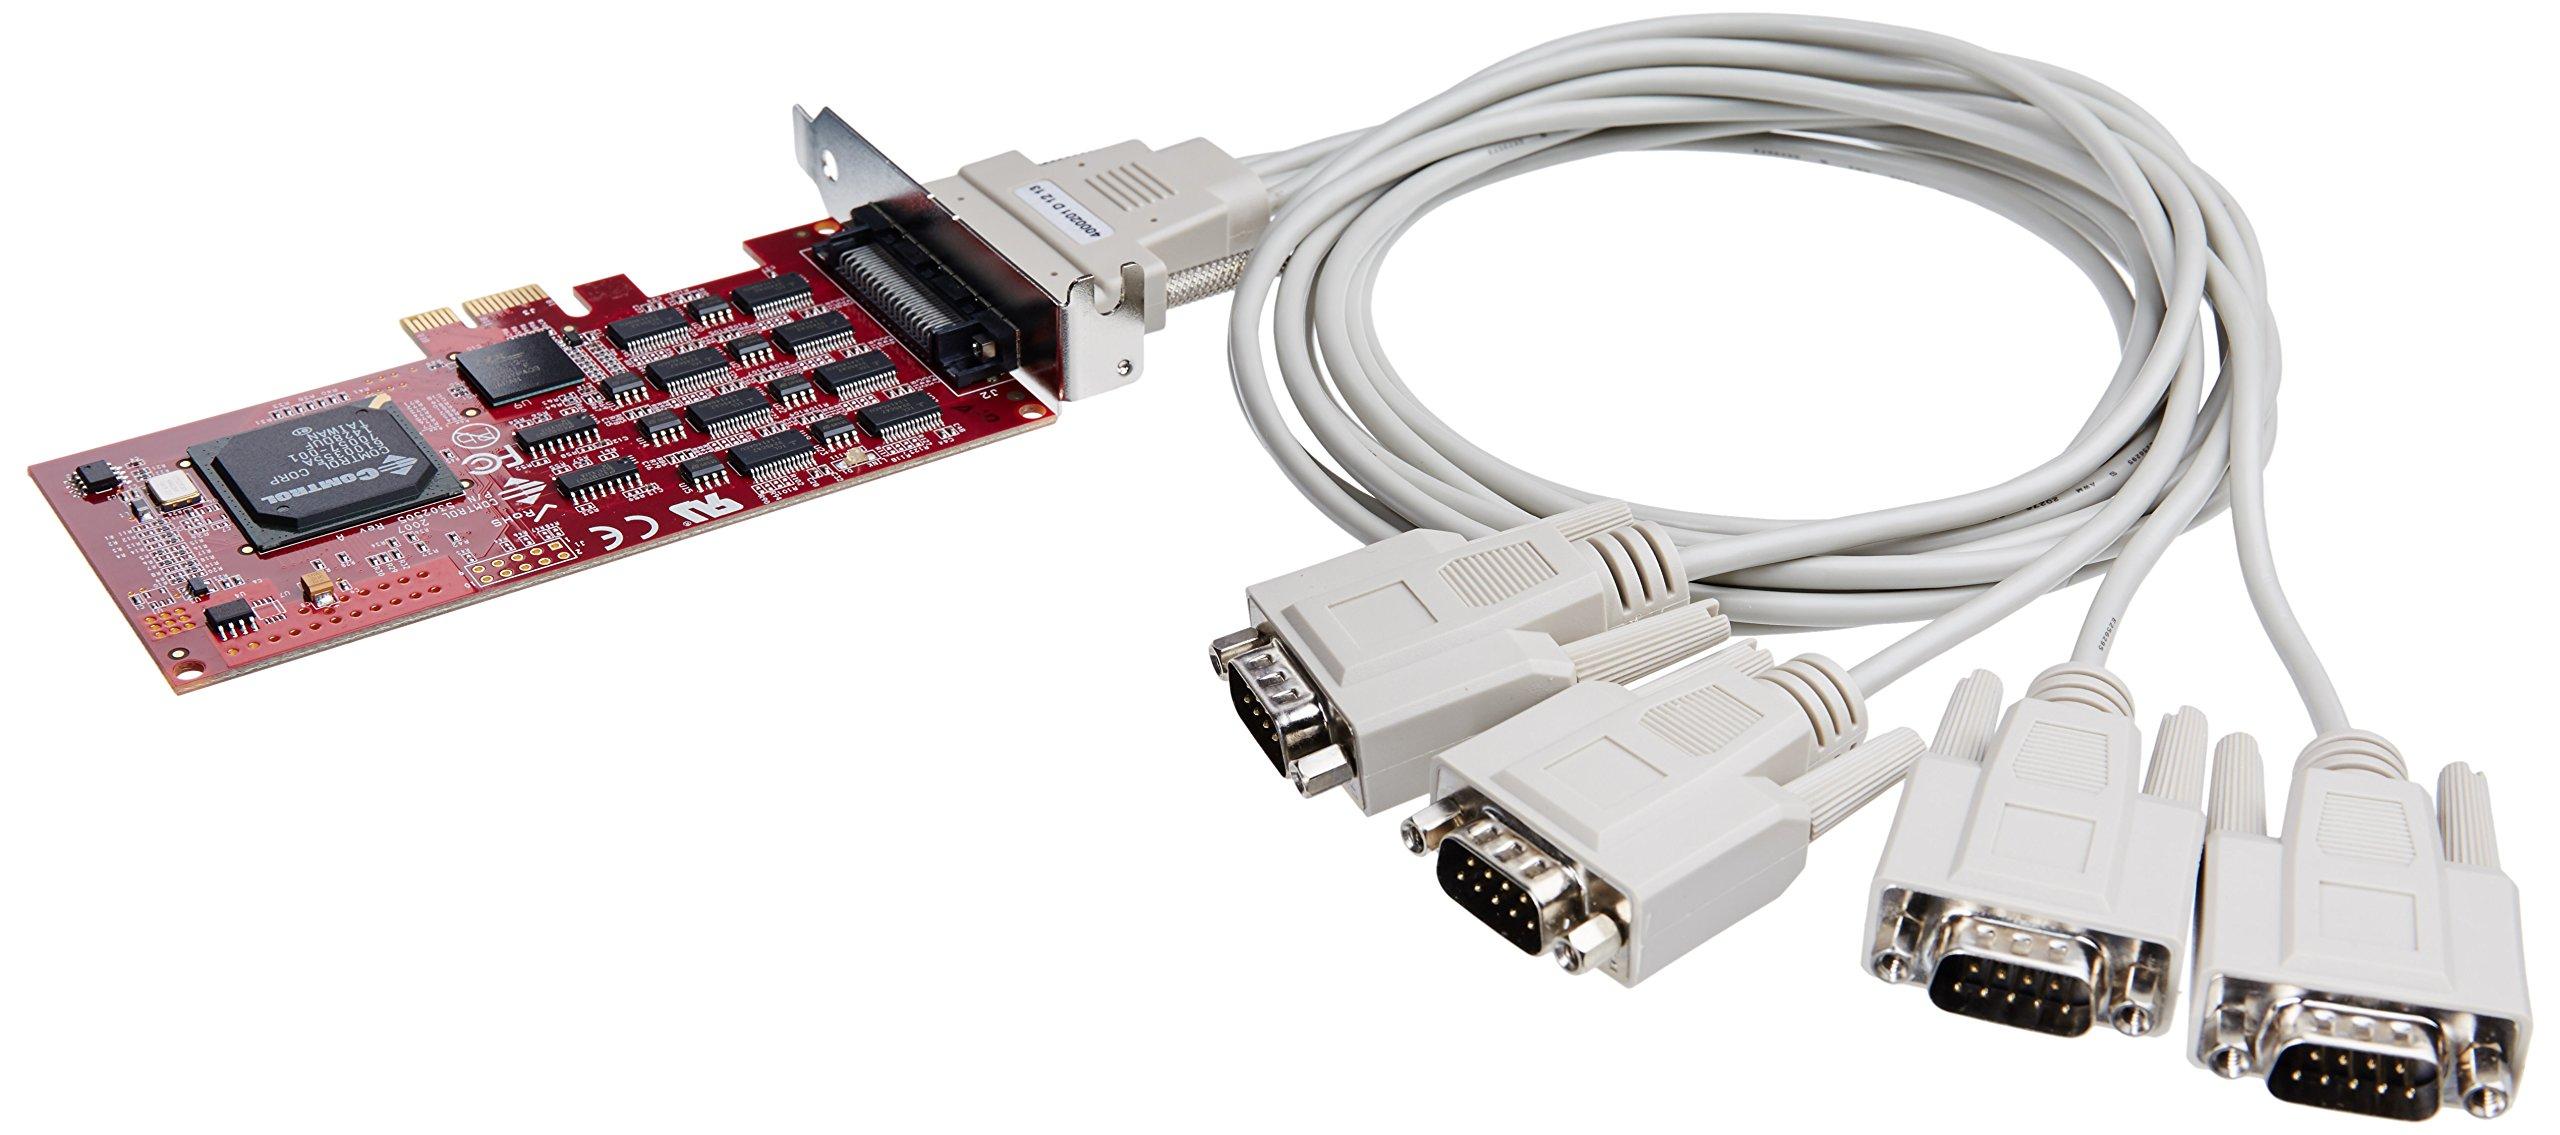 Comtrol Rocketport Pcie 4PORT DB9M RS232/422/485 Express Quad by Comtrol